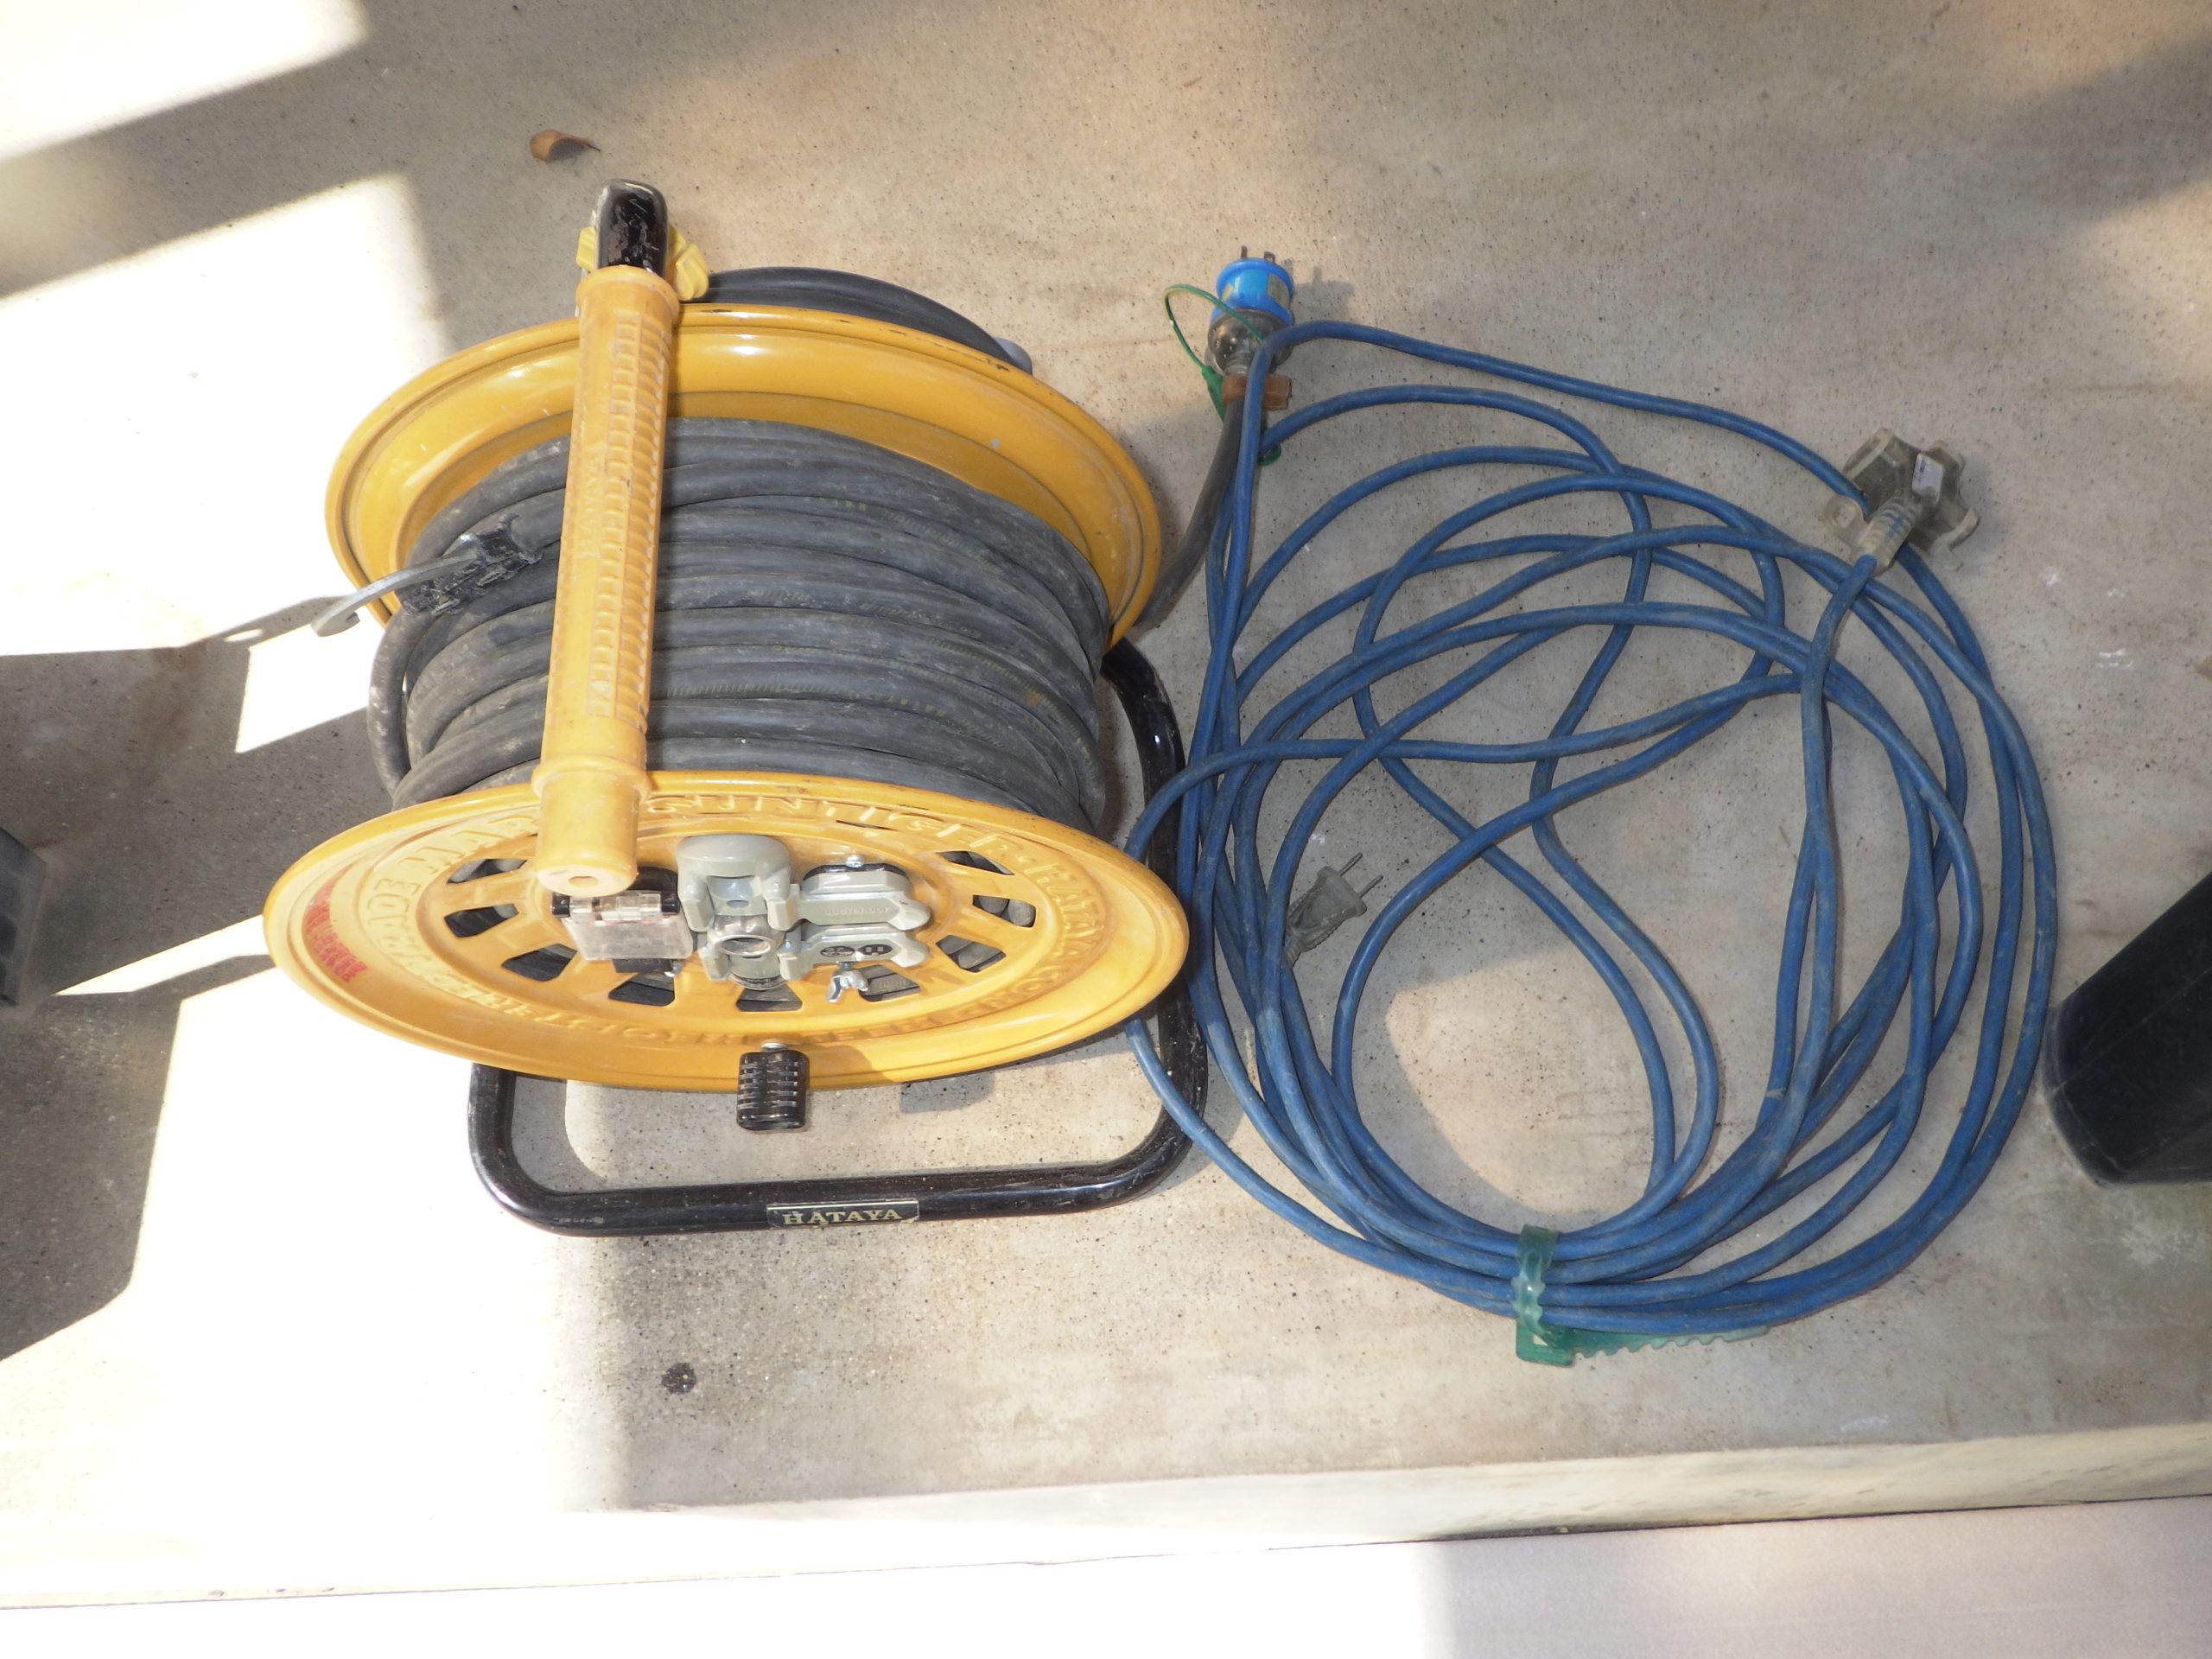 【ドラムコード】水道屋さんの厳選おすすめドラムコード10選